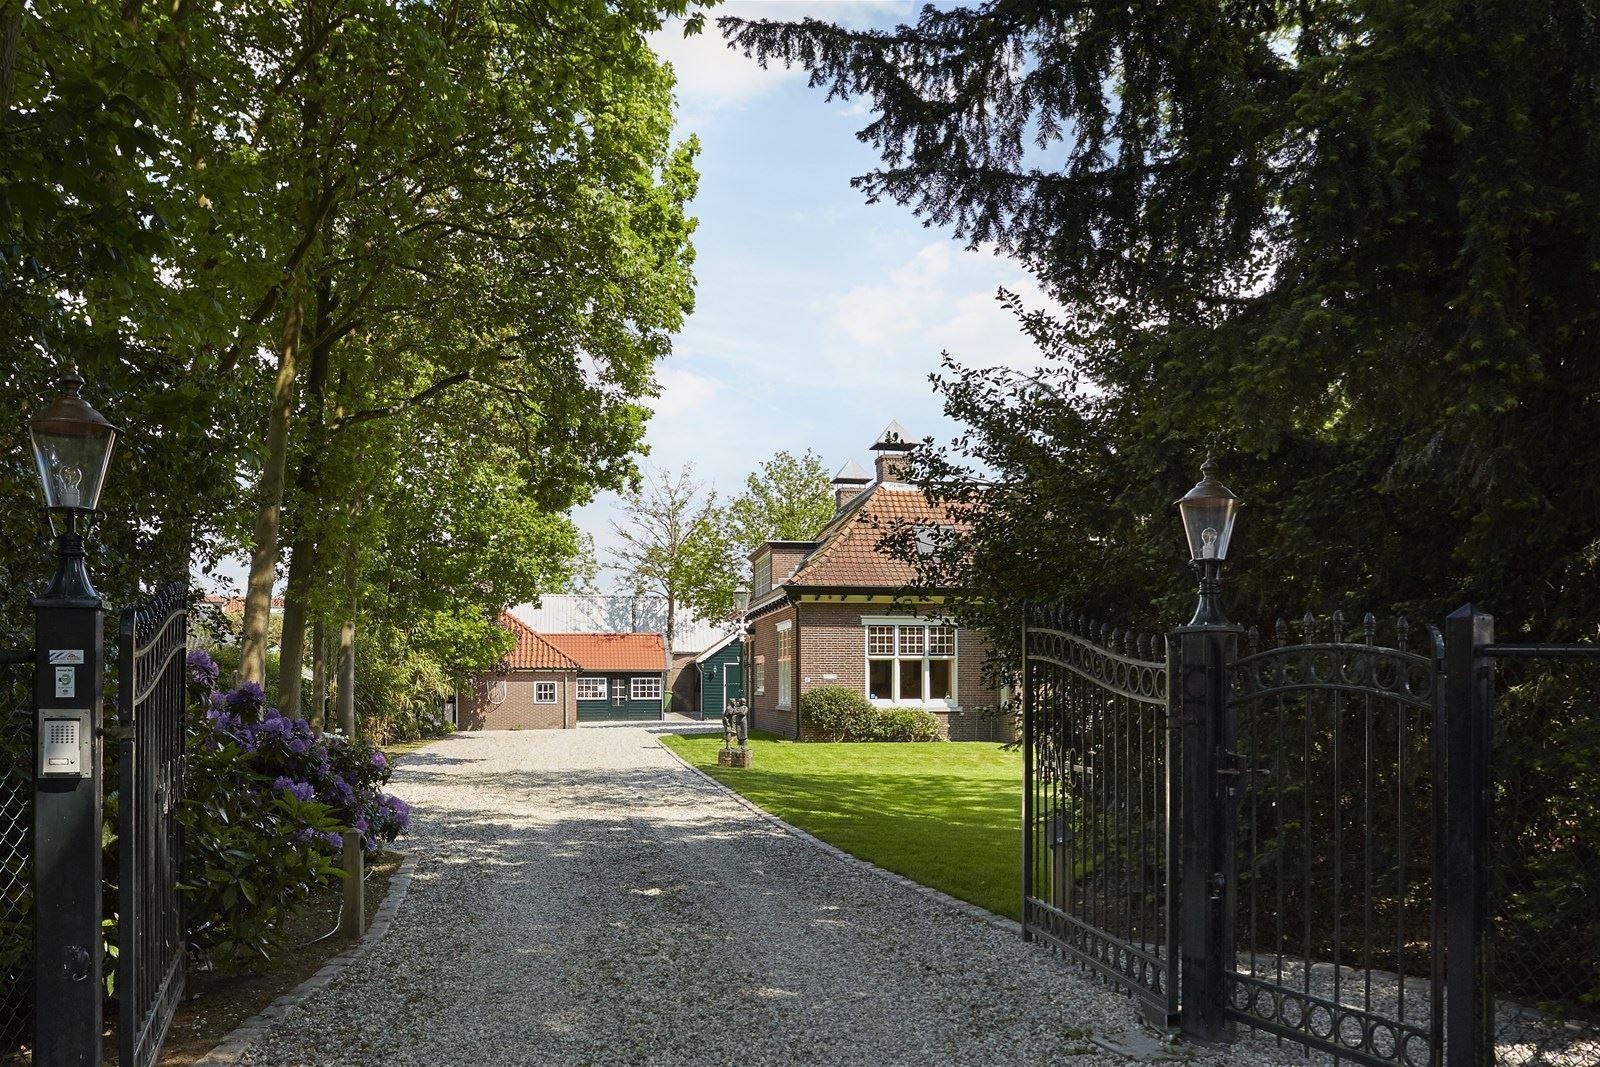 Nhà ở quê đẹp yên bình với những khoảng không gian ngập tràn ánh sáng - Ảnh 9.